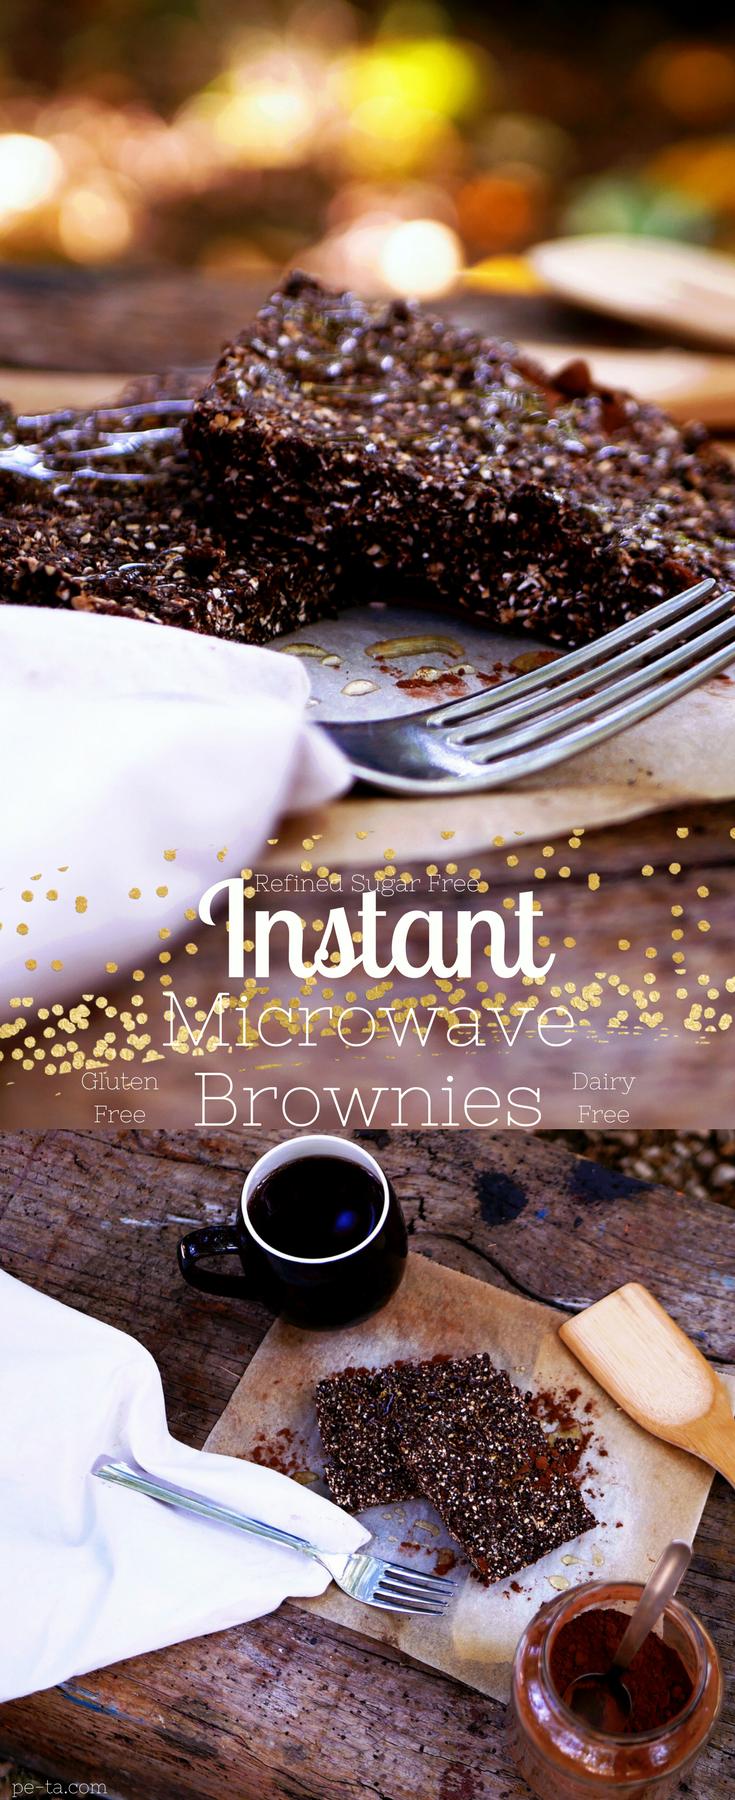 Instant Microwave Brownies